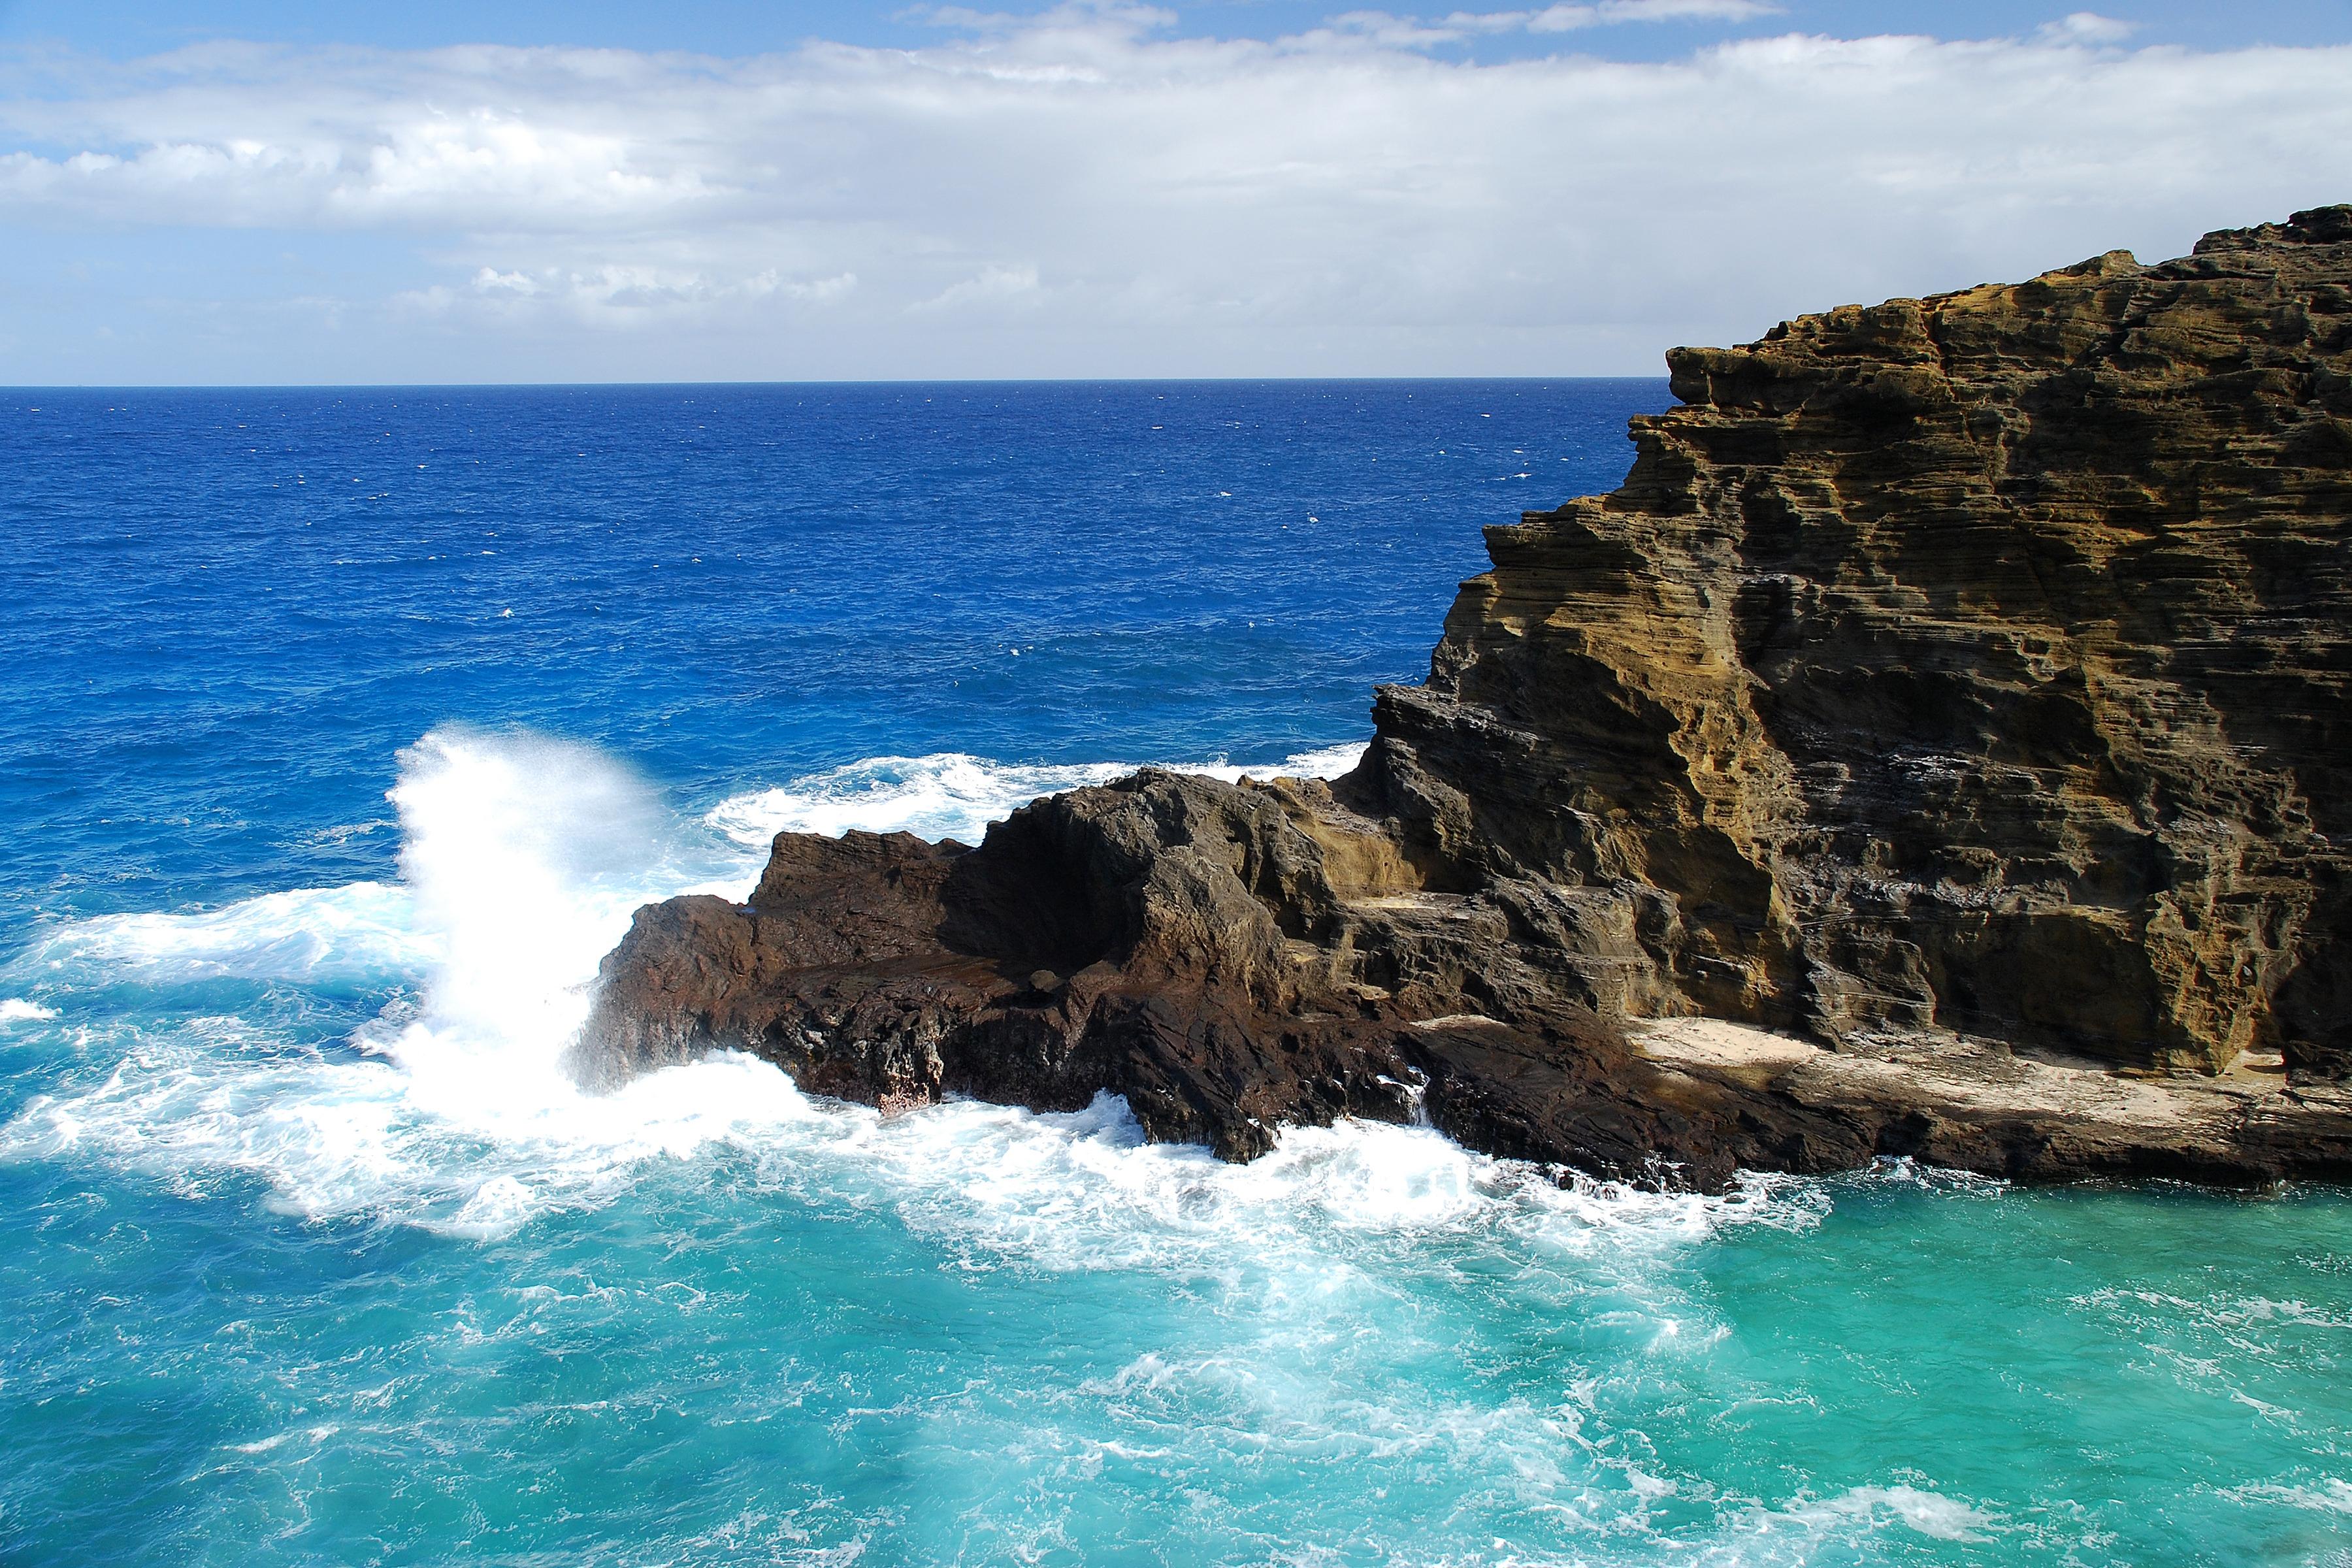 при посадке красивые фото океана с побережьем как